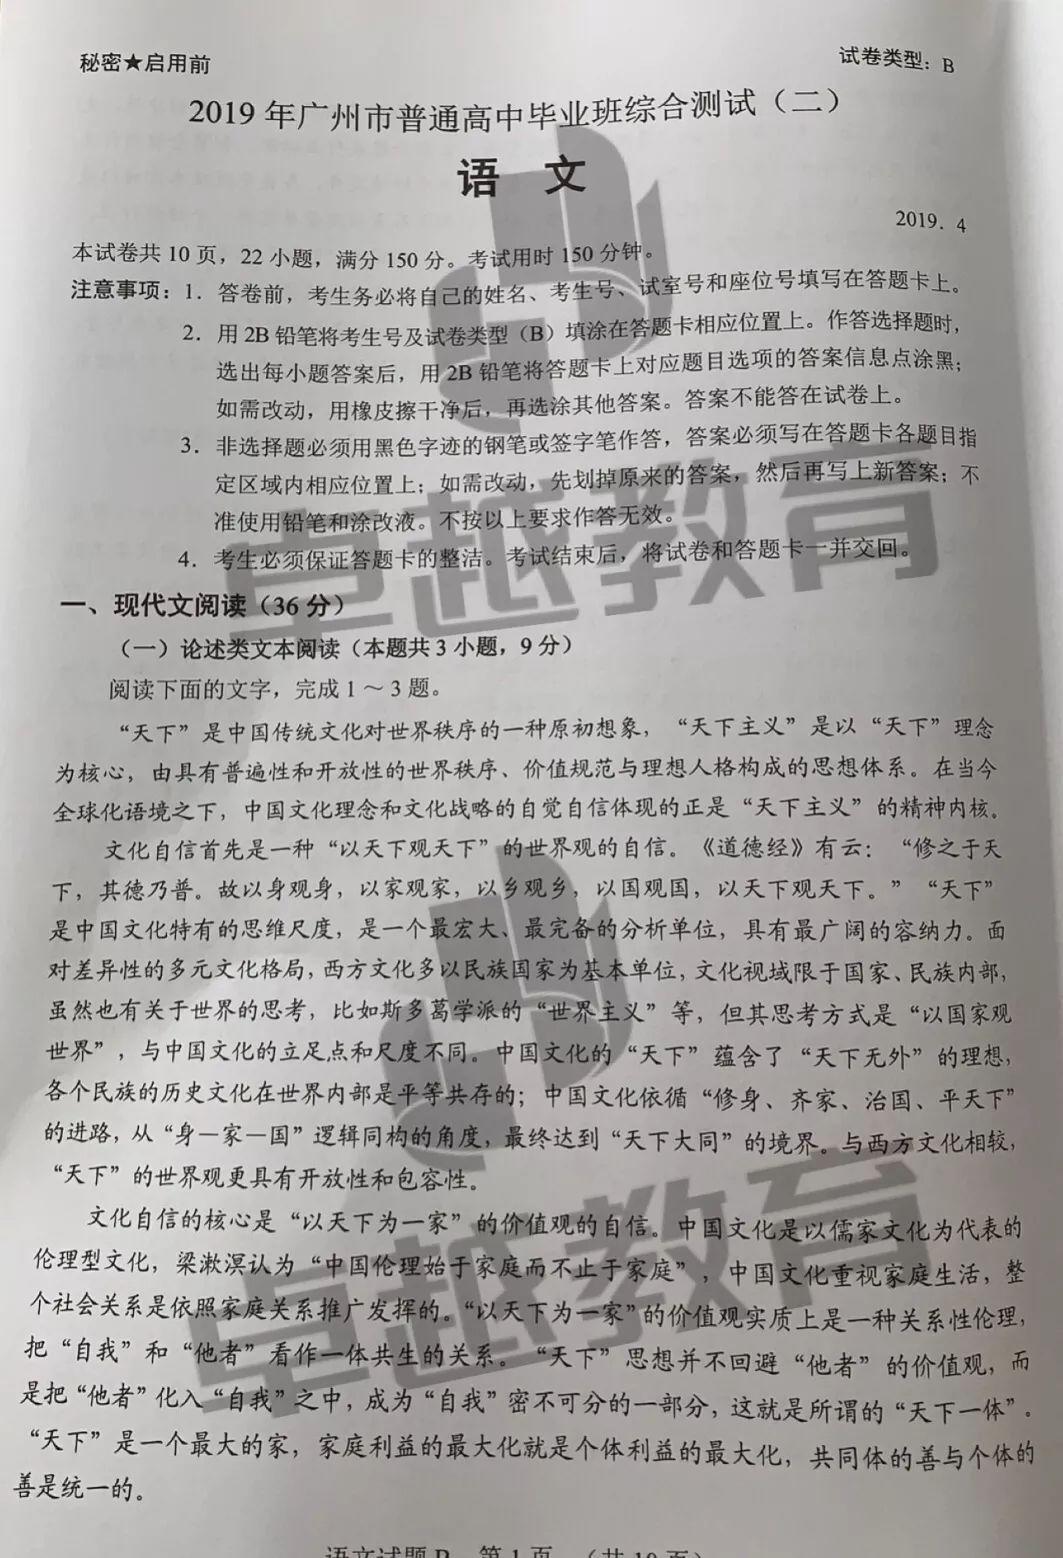 2019广州二模 | 语文真题出炉,材料作文【劳动创造价值】